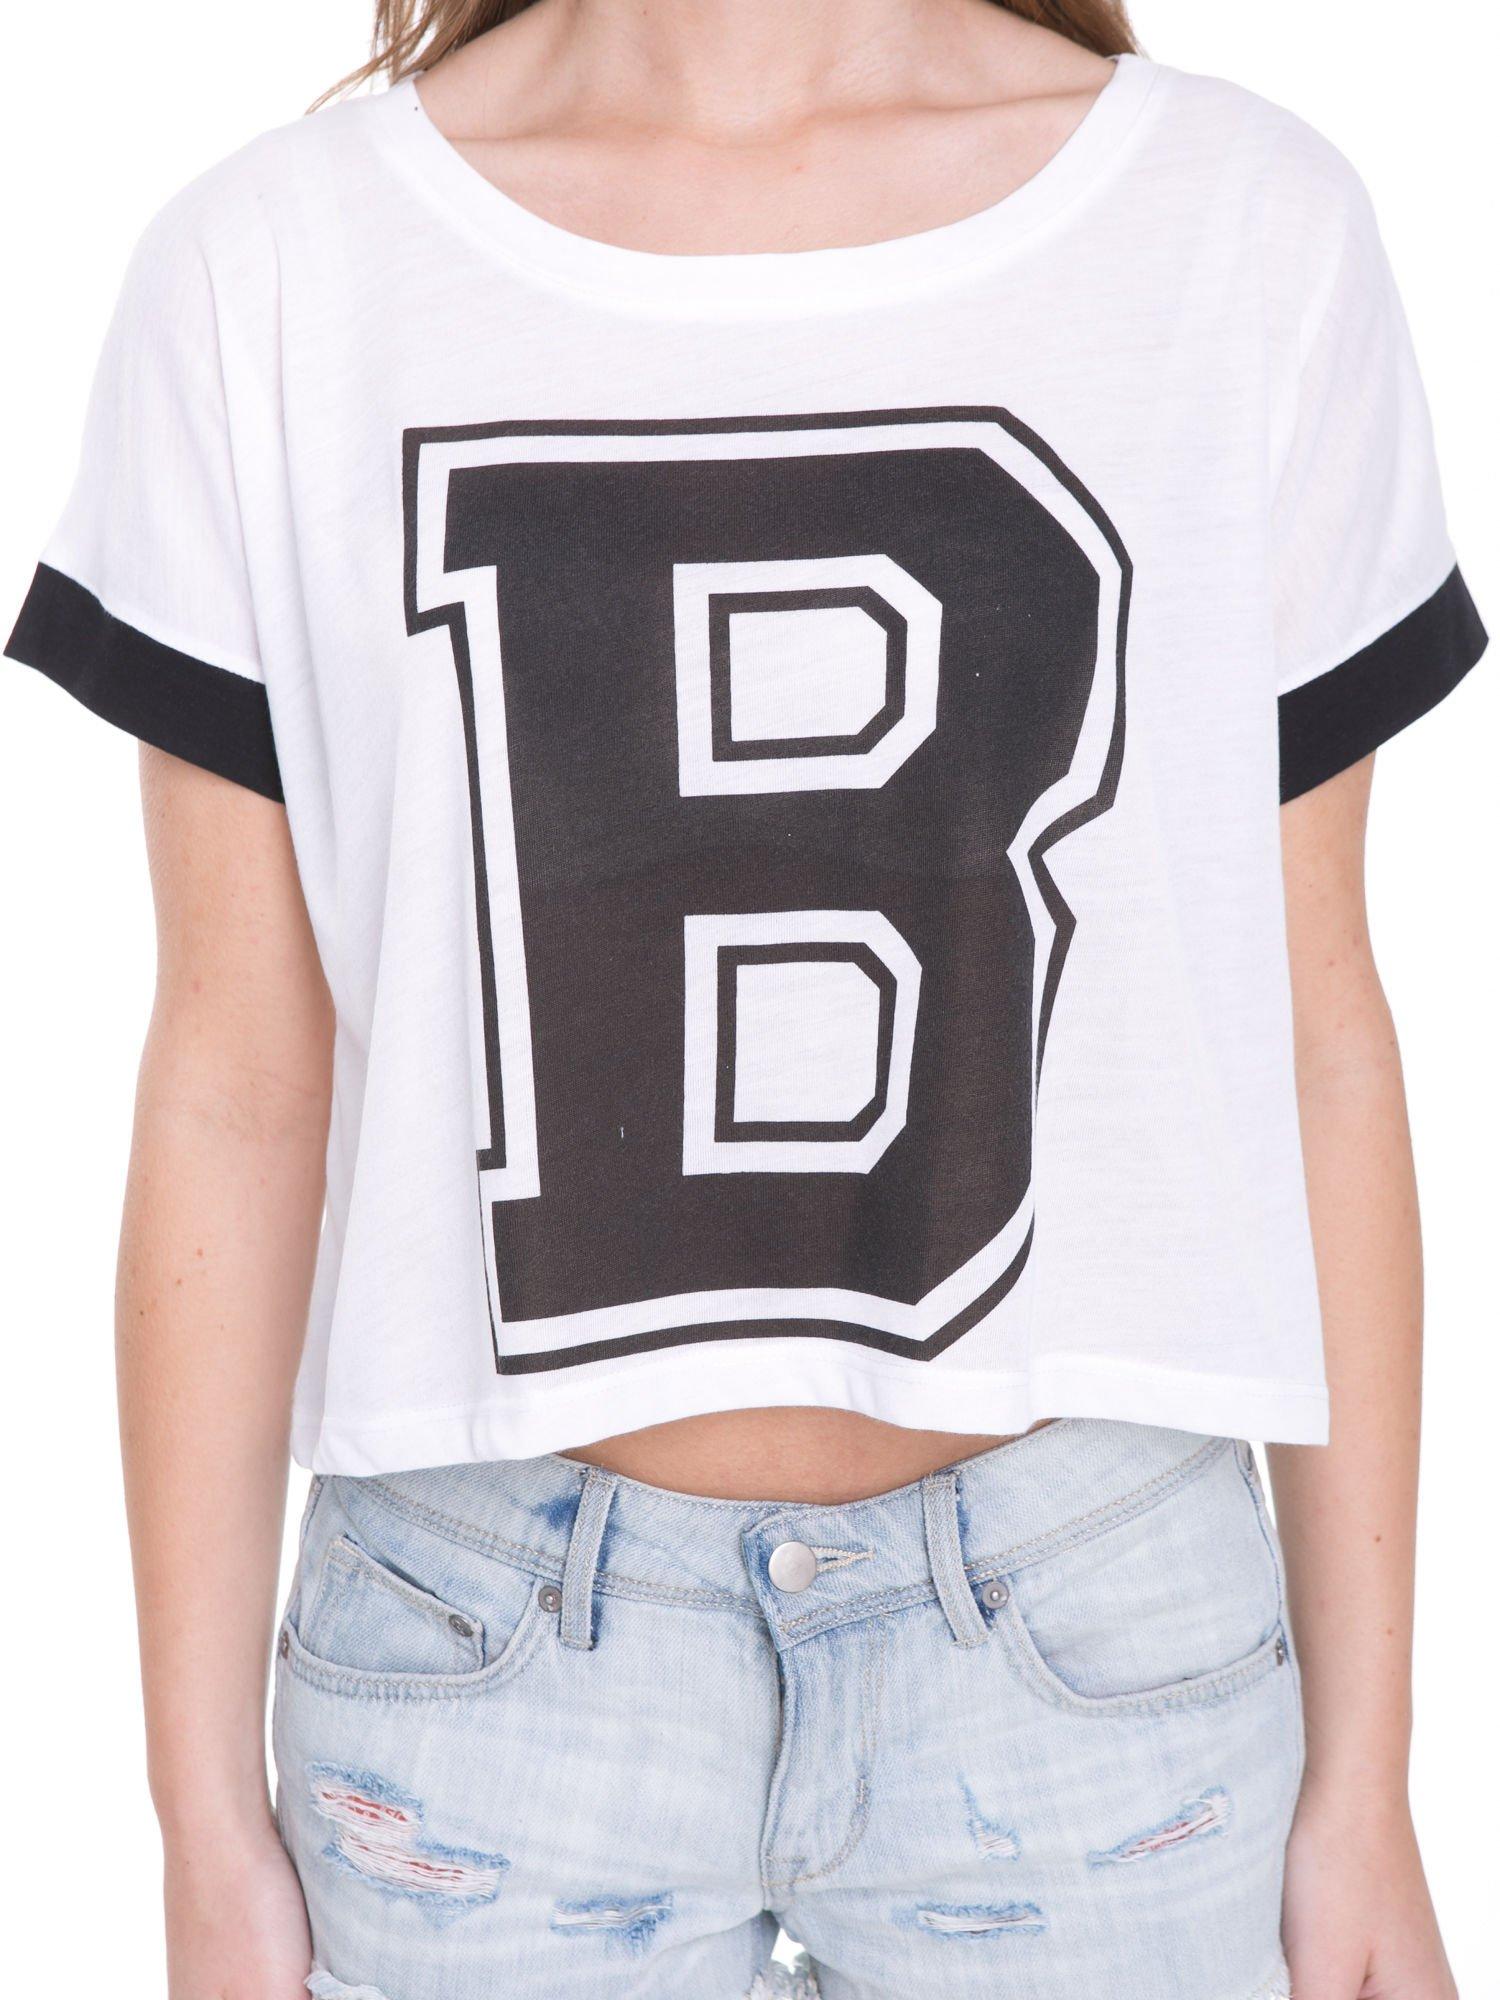 Biały t-shirt z literą B i kontrastowymi rękawami w stylu baseballowym                                  zdj.                                  6